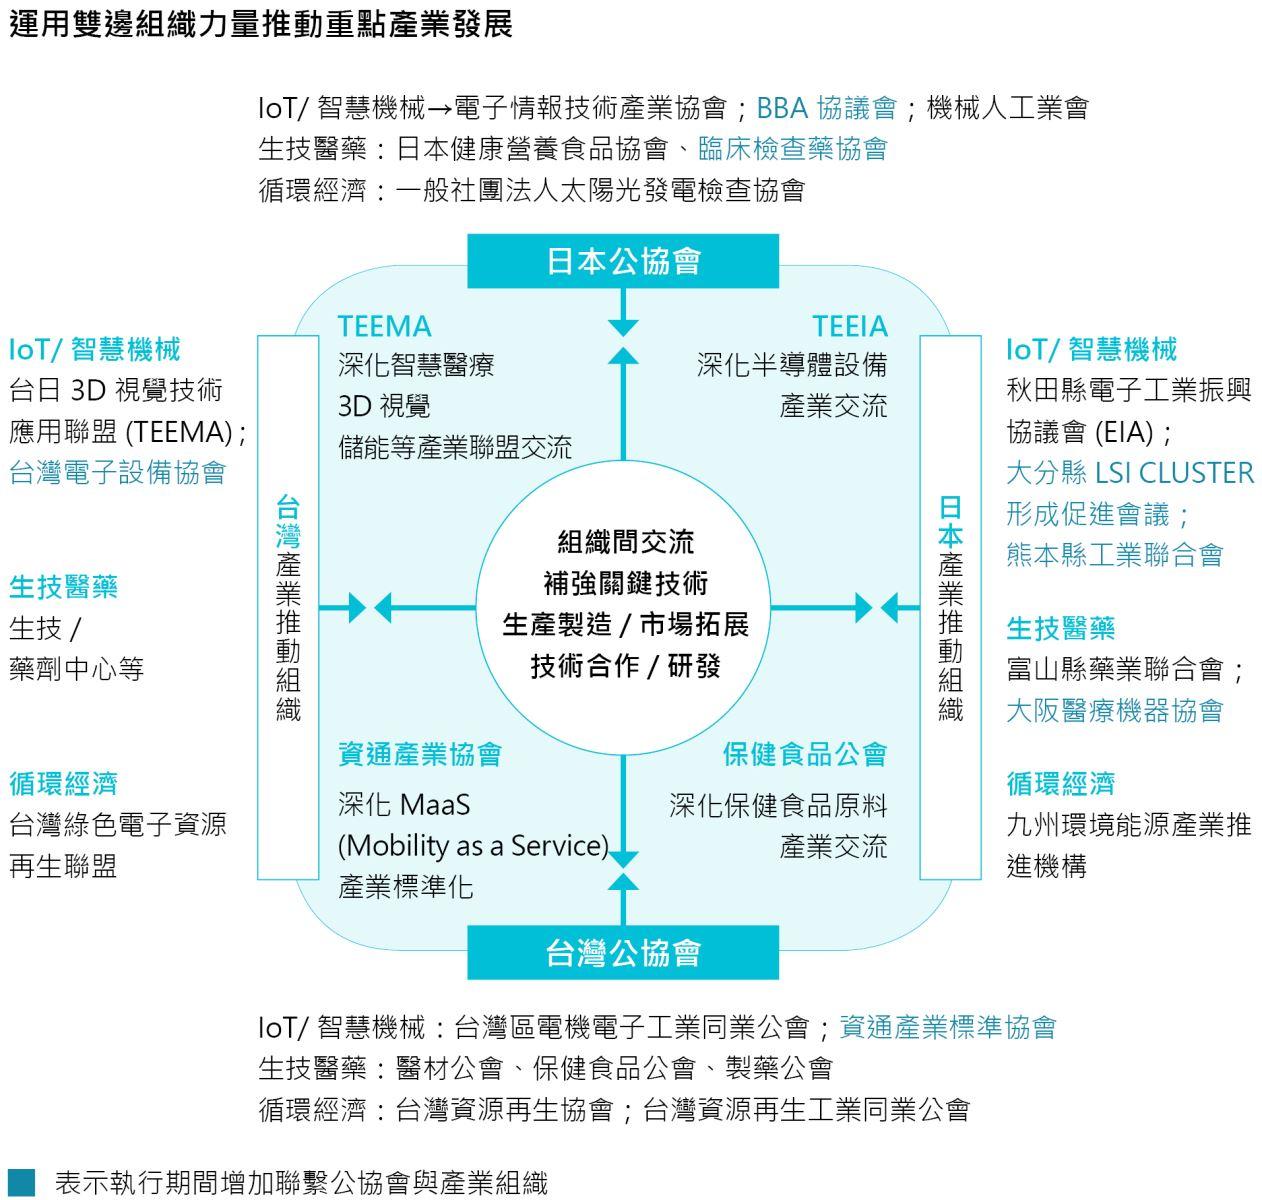 【運用雙邊組織力量推動重點產業發展】 以台日公協會對接作為推動主軸,建立台日業者互訪機制,讓台灣產業鏈能夠進入日本市場。並立基於既有合作關係,以組織對組織的方式,協助我國業者擴大與日本產業或組織代表性業者交流合作,增進我國產業競爭力。  *台灣公協會 -IoT/智慧機械:台灣區電機電子工業同業公會;資通產業標準協會 -生技醫藥:醫材公會、保健食品公會、製藥公會 -循環經濟:台灣資源再生協會;台灣資源再生工業同業公會  *日本公協會 -IoT/智慧機械→電子情報技術產業協會;BBA 協議會;機械人工業會 -生技醫藥:日本健康營養食品協會、臨床檢查藥協會 -循環經濟:一般社團法人太陽光發電檢查協會  *台灣產業推動組織 -IoT/智慧機械:台日3D視覺技術應用聯盟 (TEEMA);台灣電子設備協會 -生技醫藥:生技/藥劑中心等 -循環經濟:台灣綠色電子資源/再生聯盟  *日本產業推動組織 -IoT/智慧機械:秋田縣電子工業振興協議會(EIA);大分縣LSI CLUSTER形成促進會議;熊本縣工業聯合會 -生技醫藥:富山縣藥業聯合會;大阪醫療機器協會 -循環經濟:九州環境能源產業推進機構